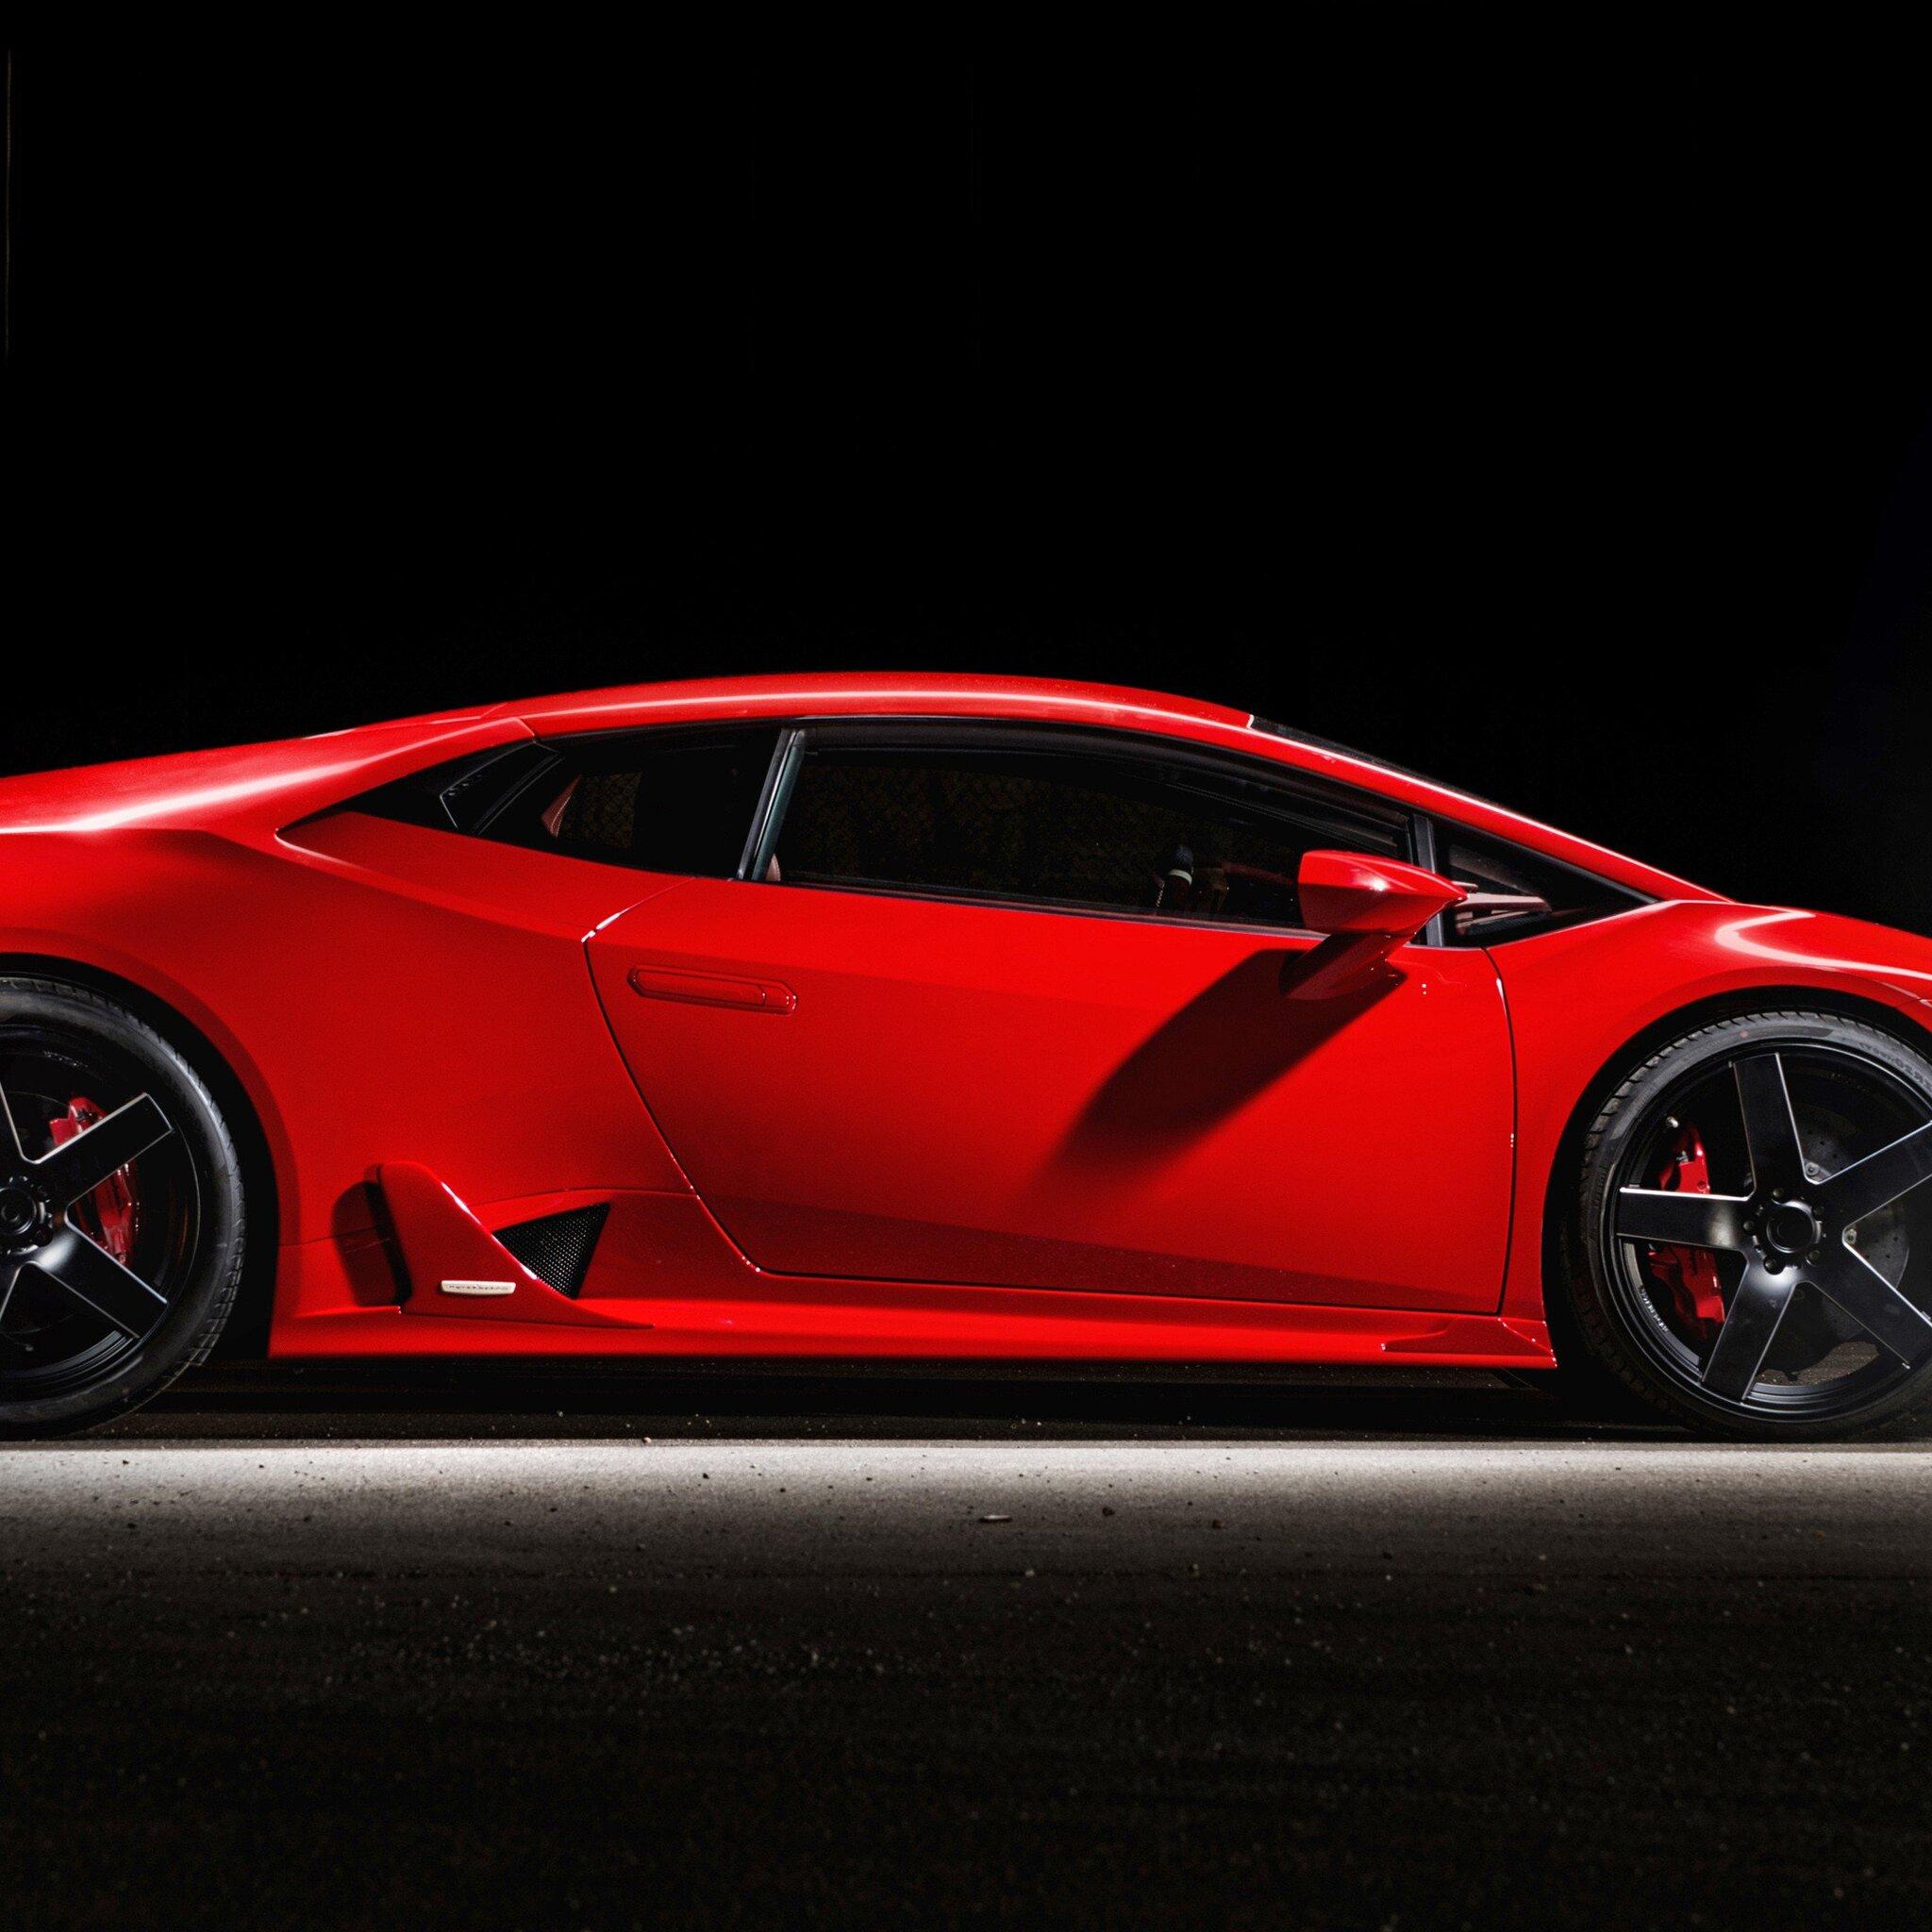 2048x2048 Lamborghini Huracan Desktop Ipad Air HD 4k